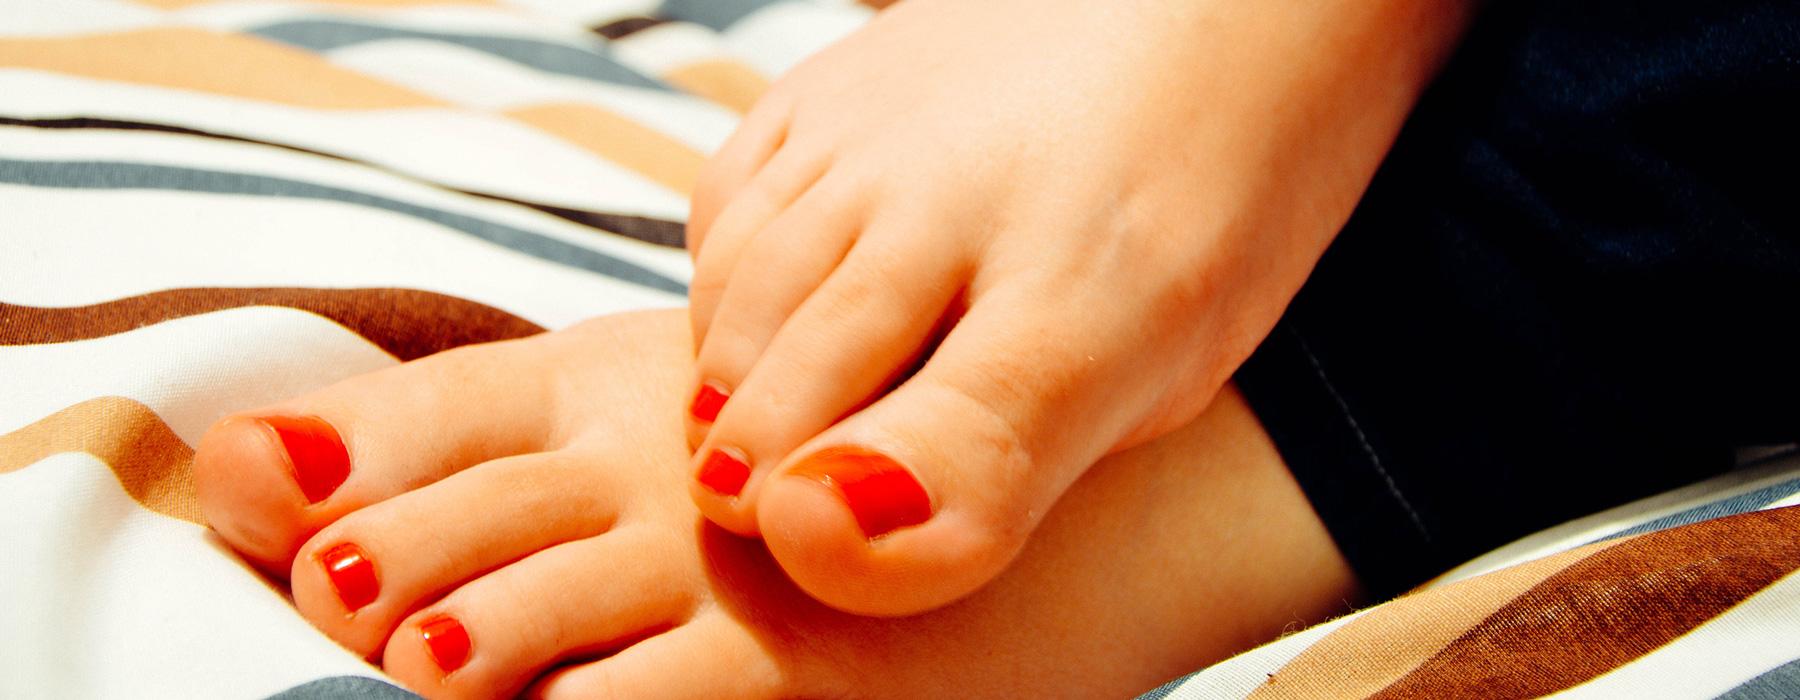 podologie_saller_feet.jpg